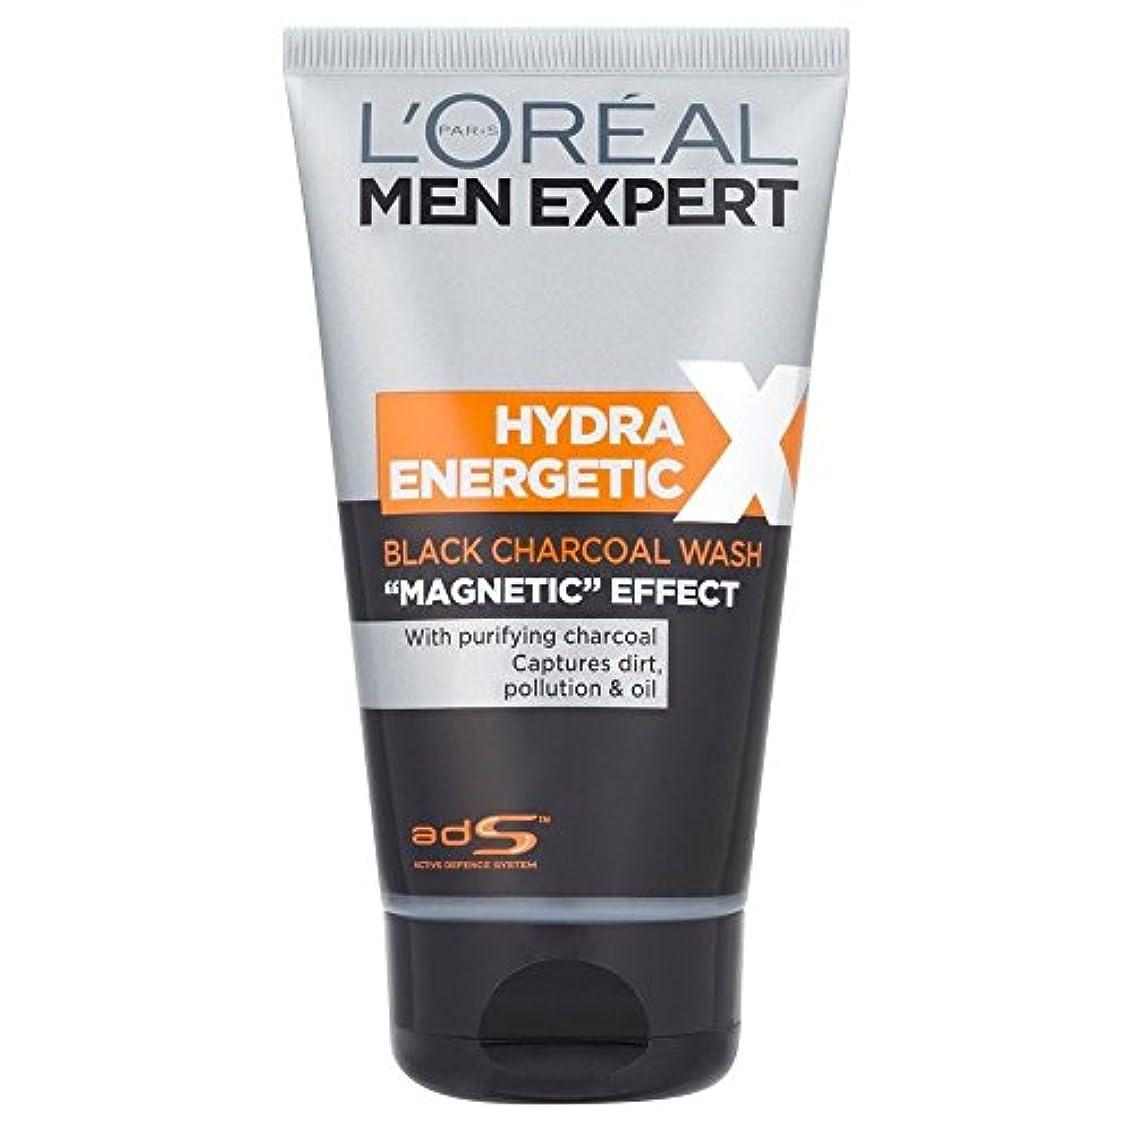 補助ポーズモードL'Oreal Paris Men Expert Hydra Energetic Daily Purifying Wash (150ml) L'オラ?アルパリのメンズ専門ヒドラエネルギッシュな毎日の浄化洗浄( 150ミリリットル)